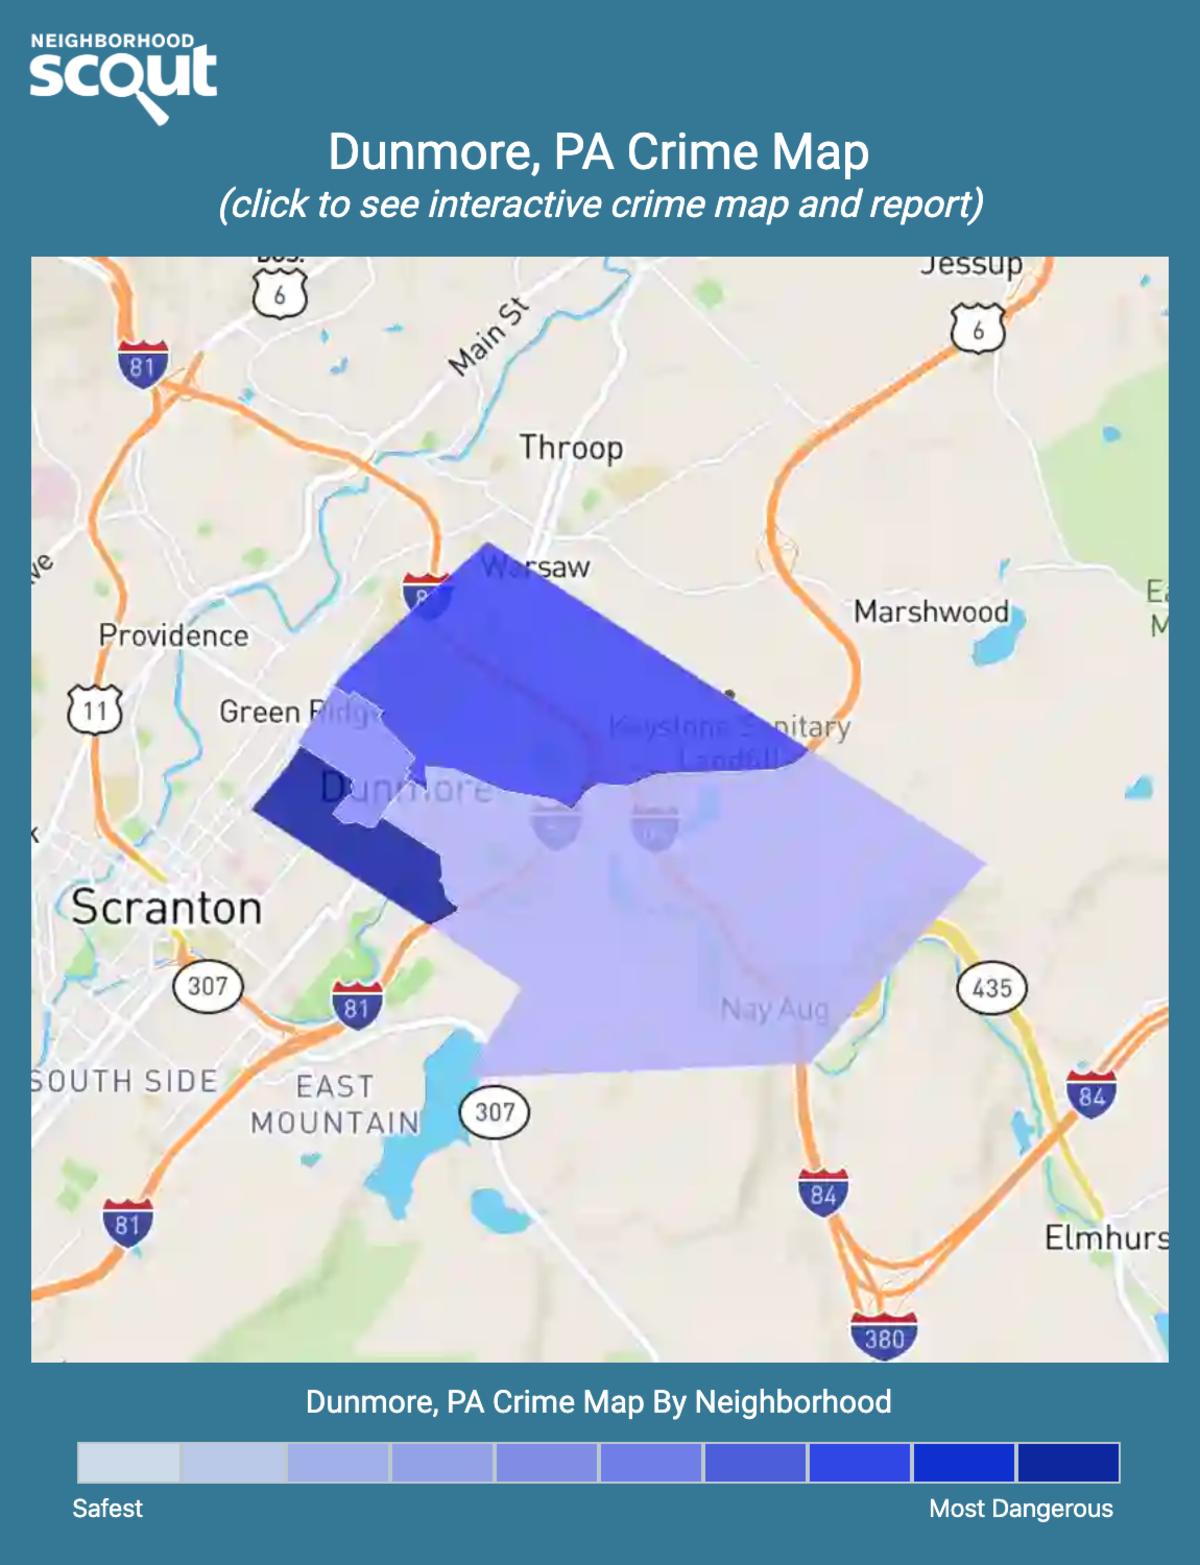 Dunmore, Pennsylvania crime map